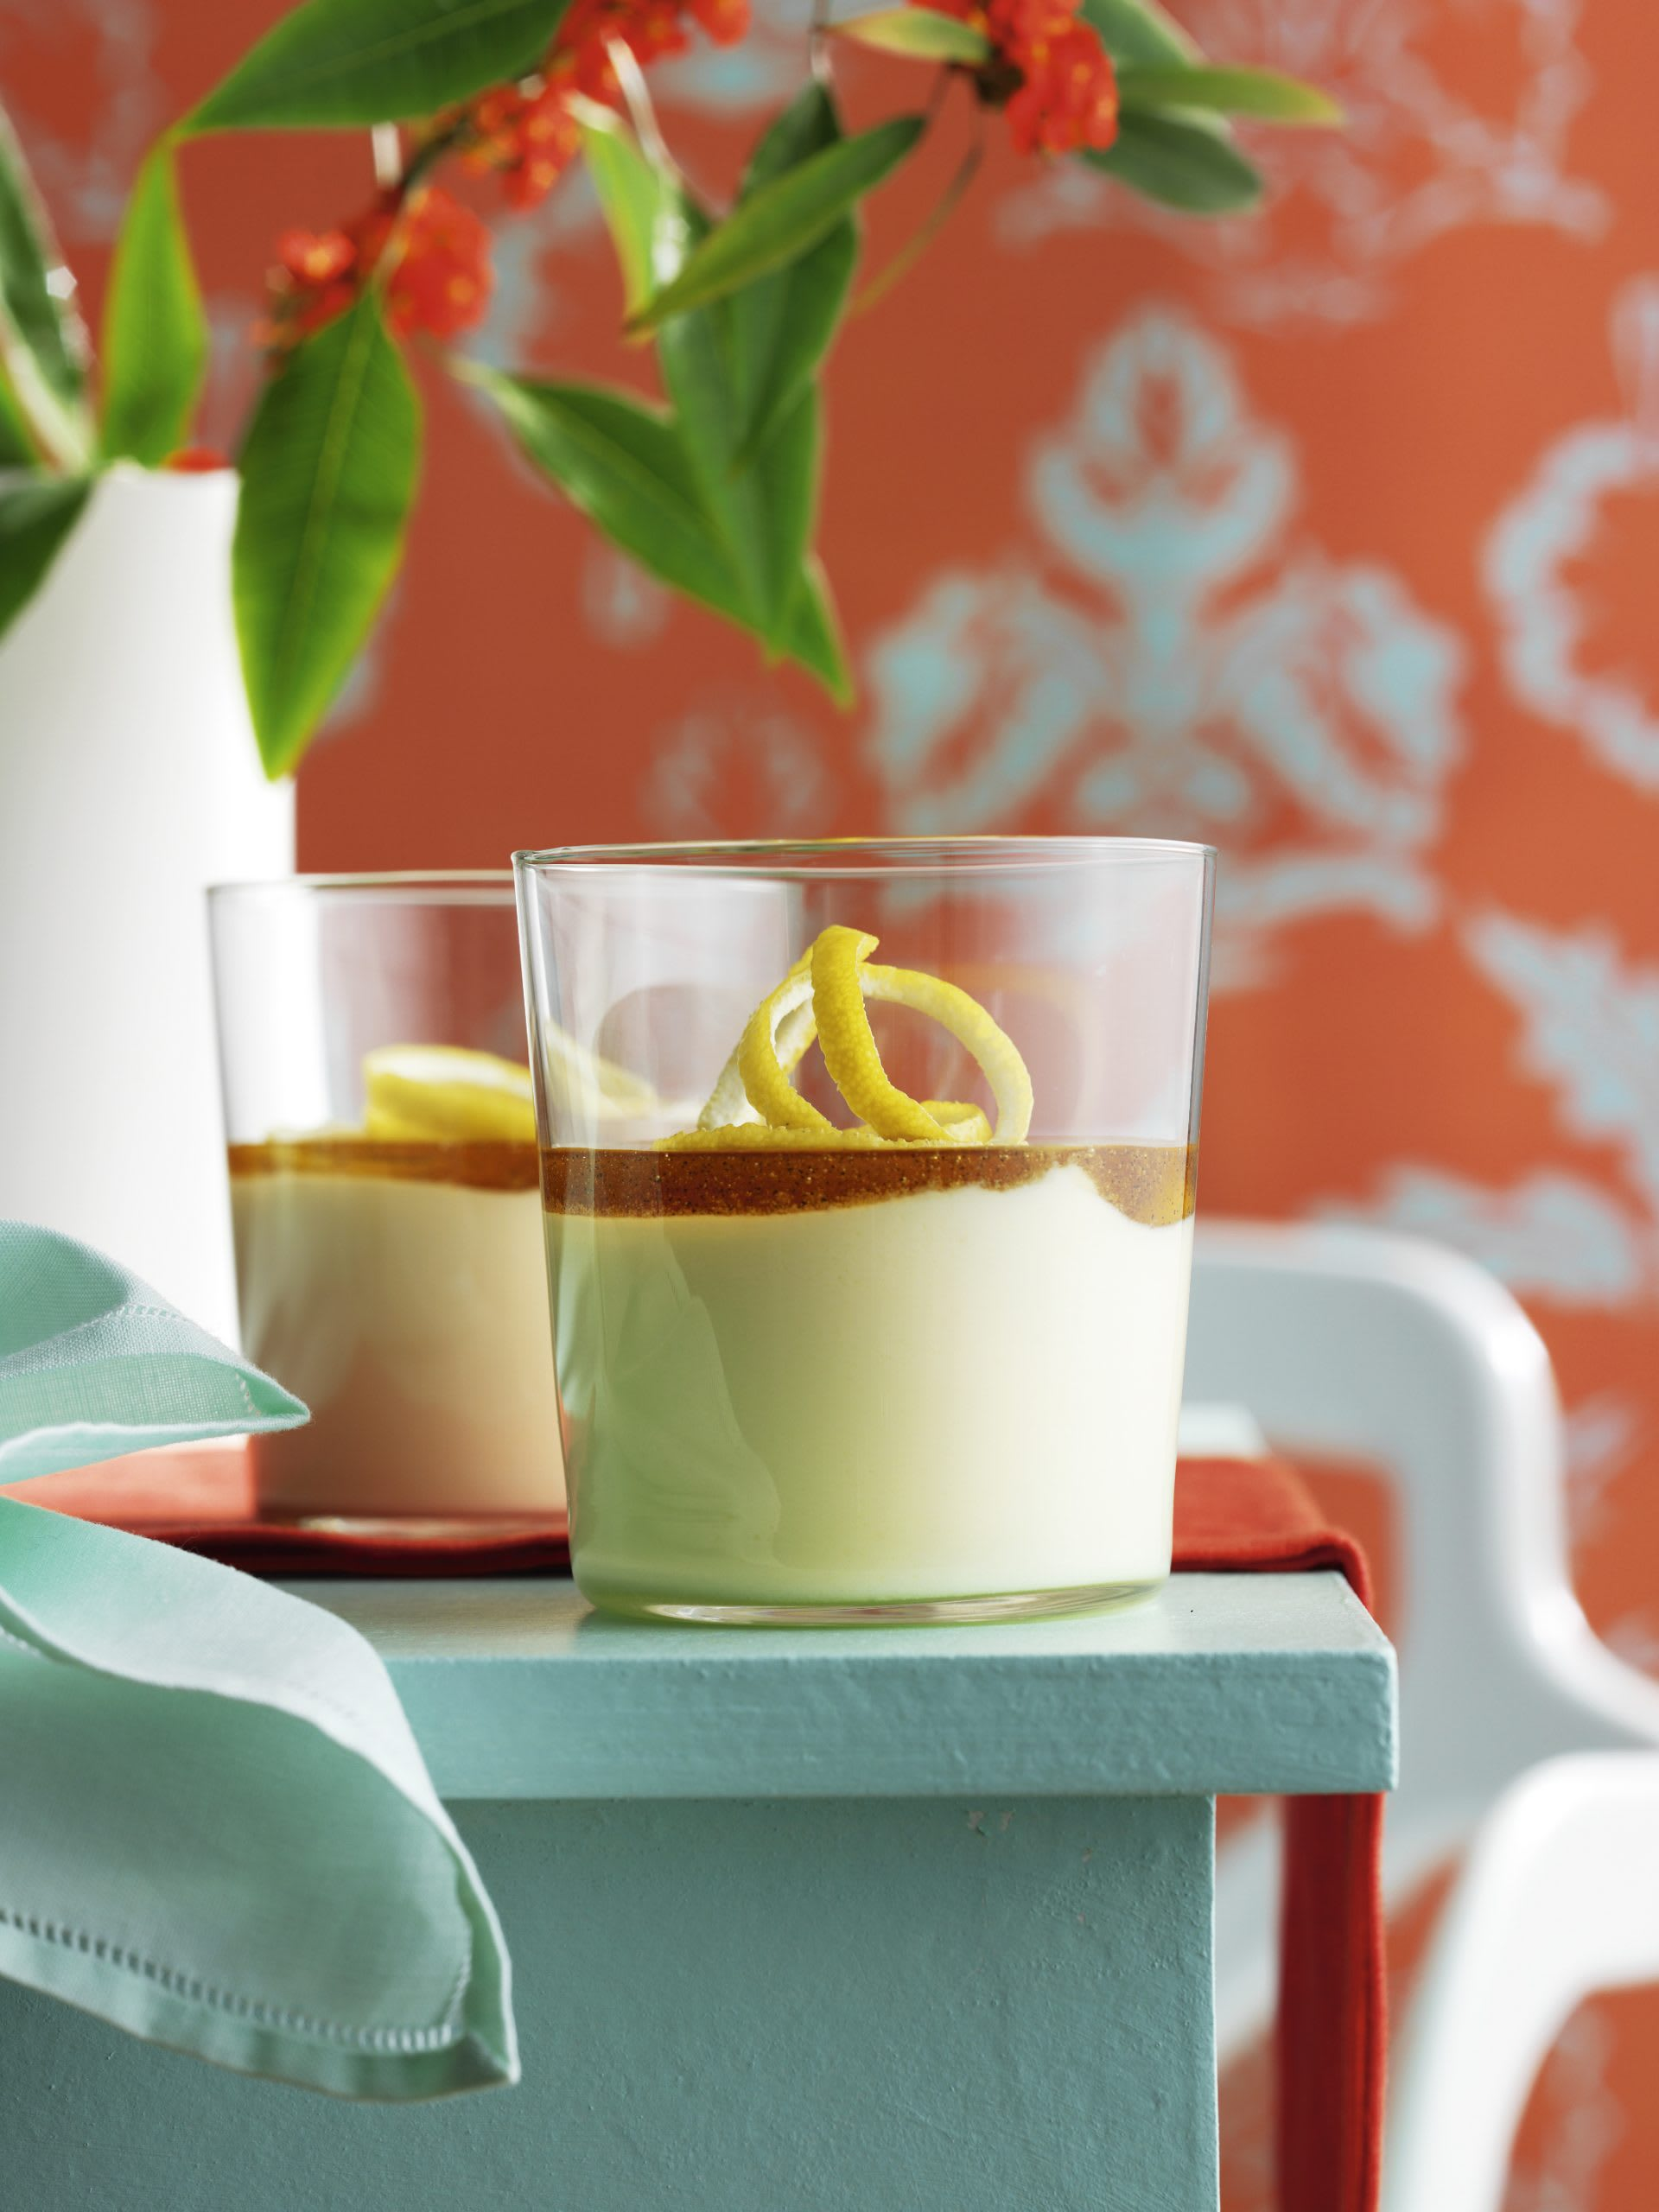 Mousse au séré sauce miel-citron